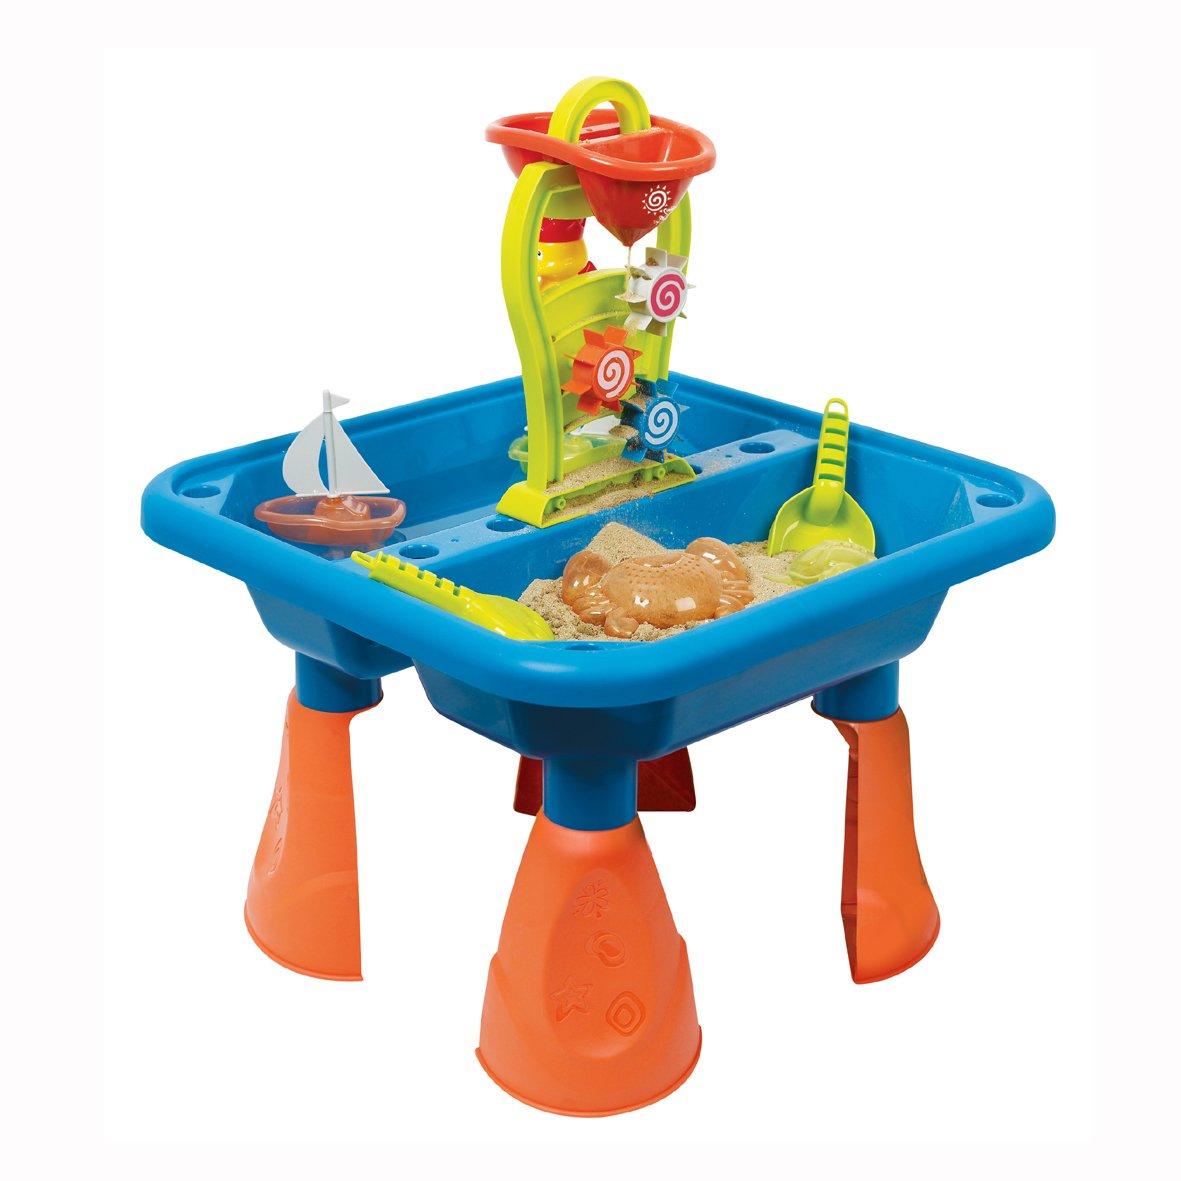 Playgo Sand- und Wasserspieltisch - Sandspieltisch